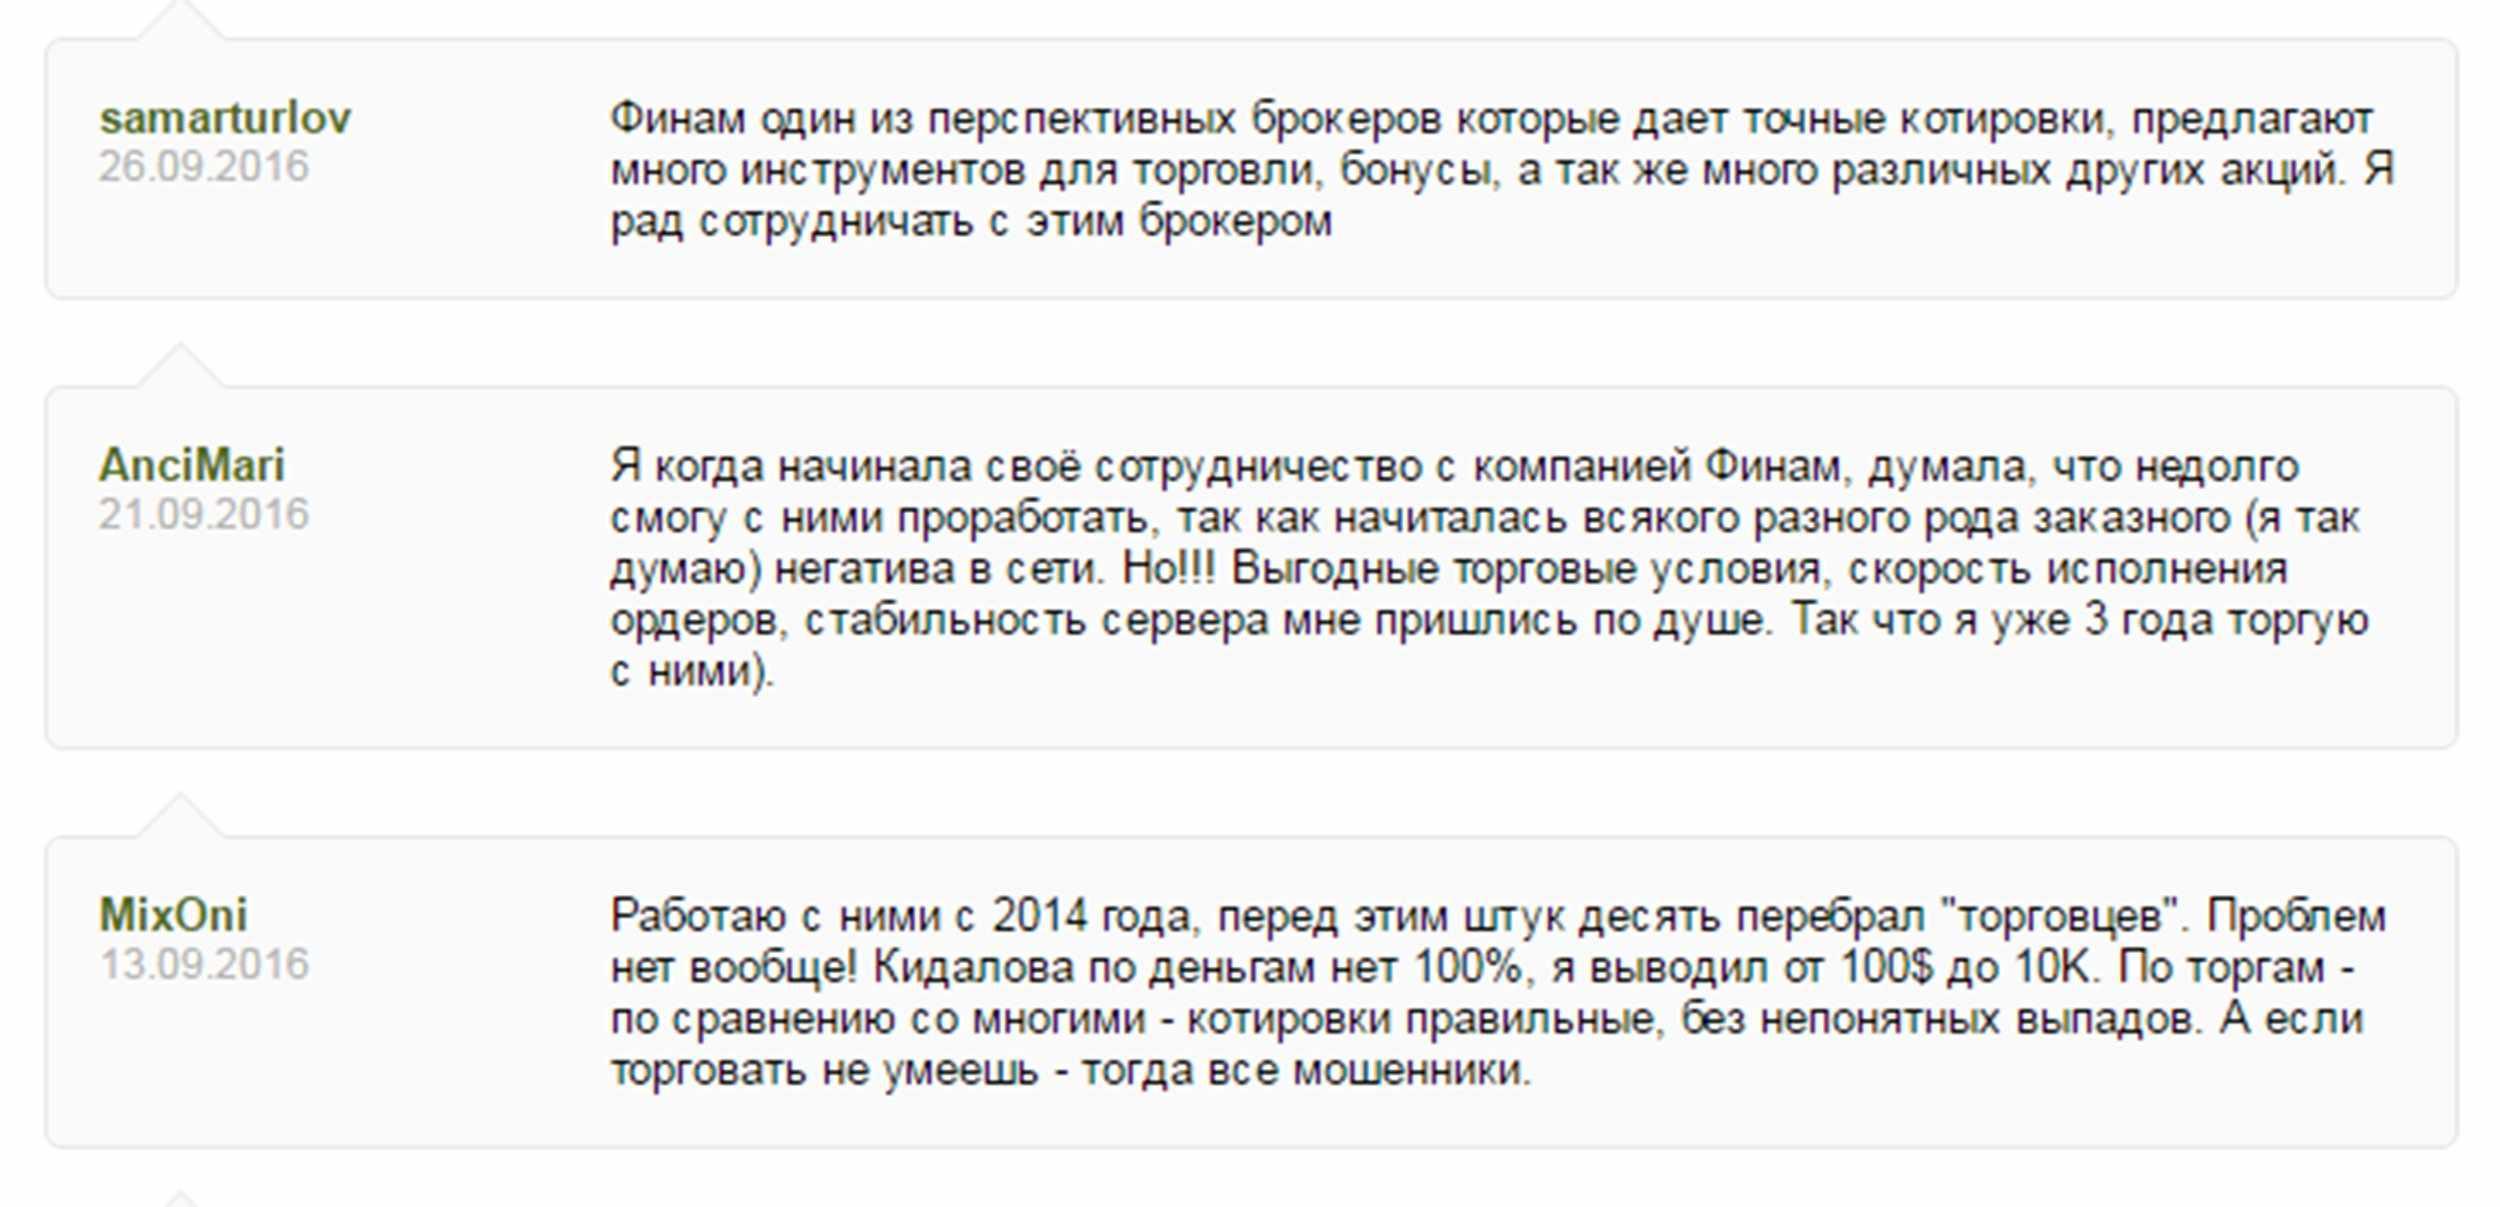 Отзыв с форума earnforex.com/ru о финам